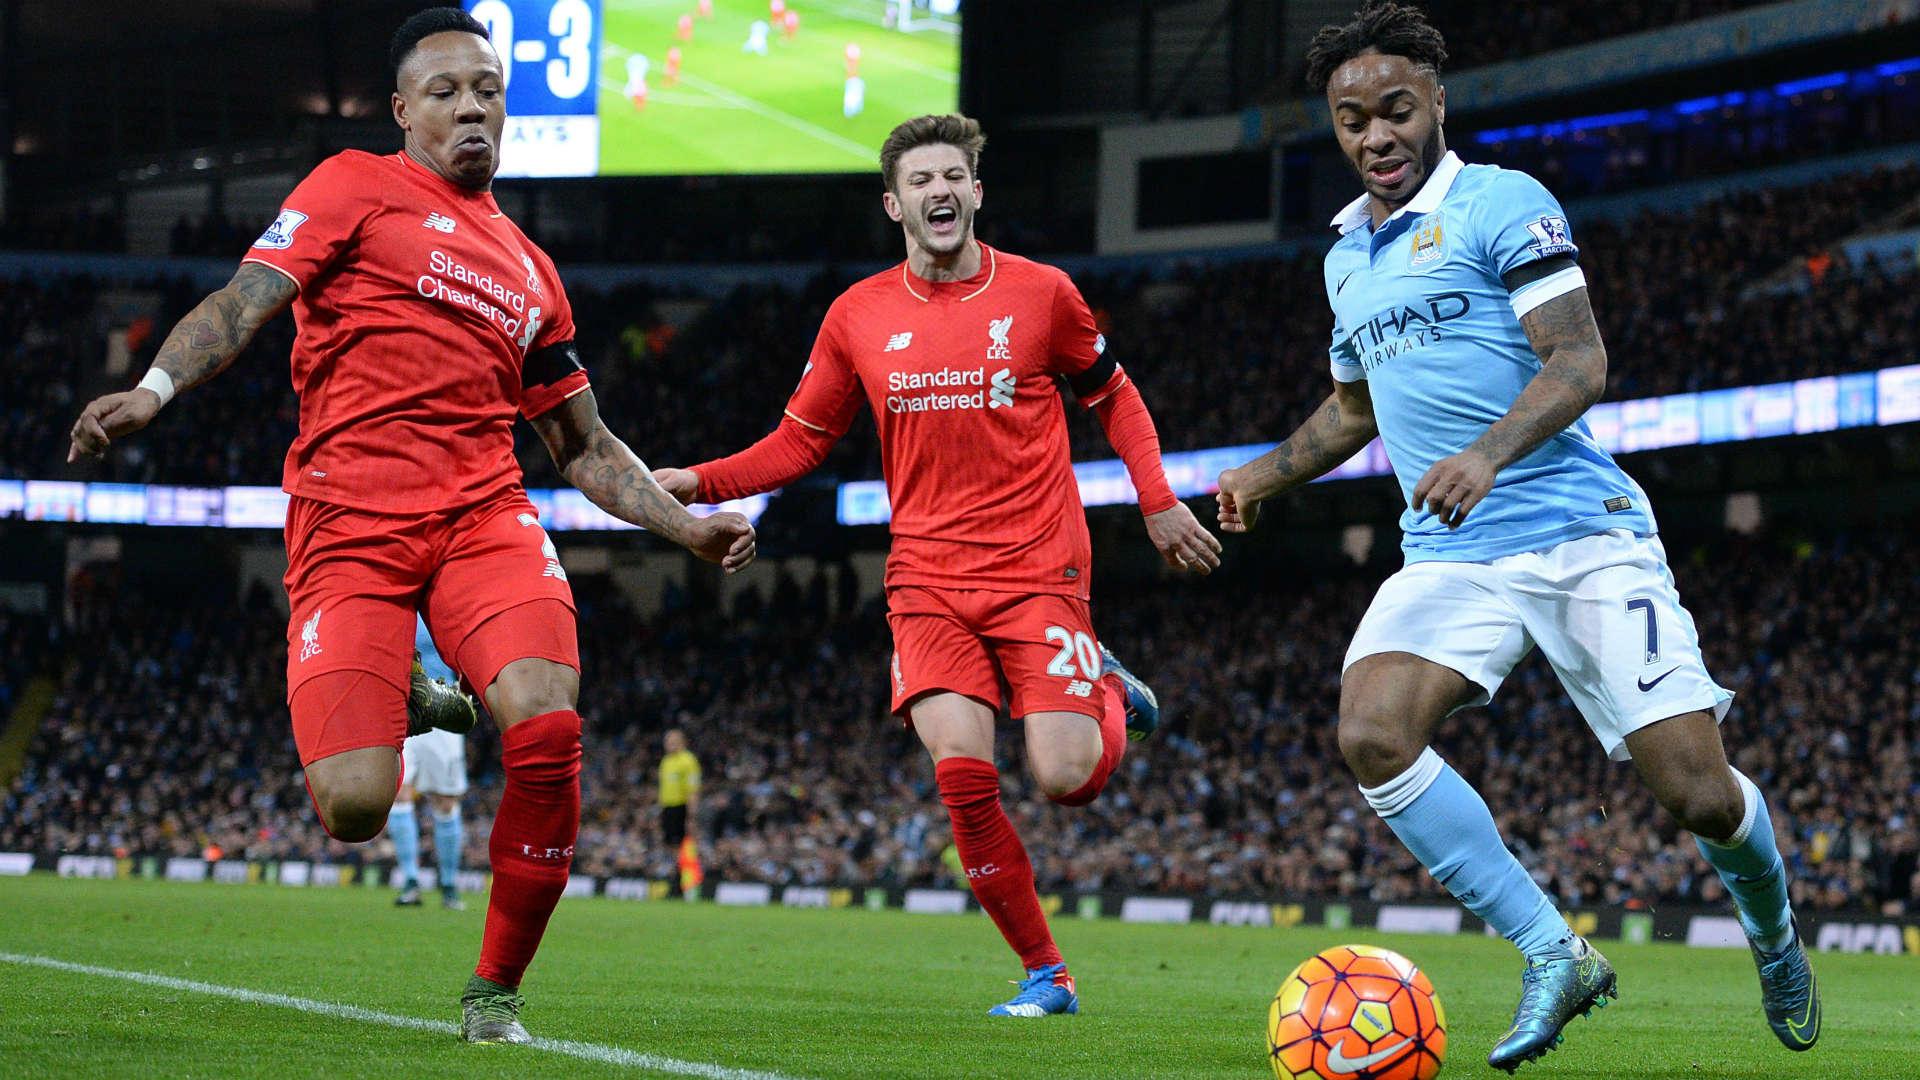 Real khiêu khích MU, sao Liverpool đe dọa Man City